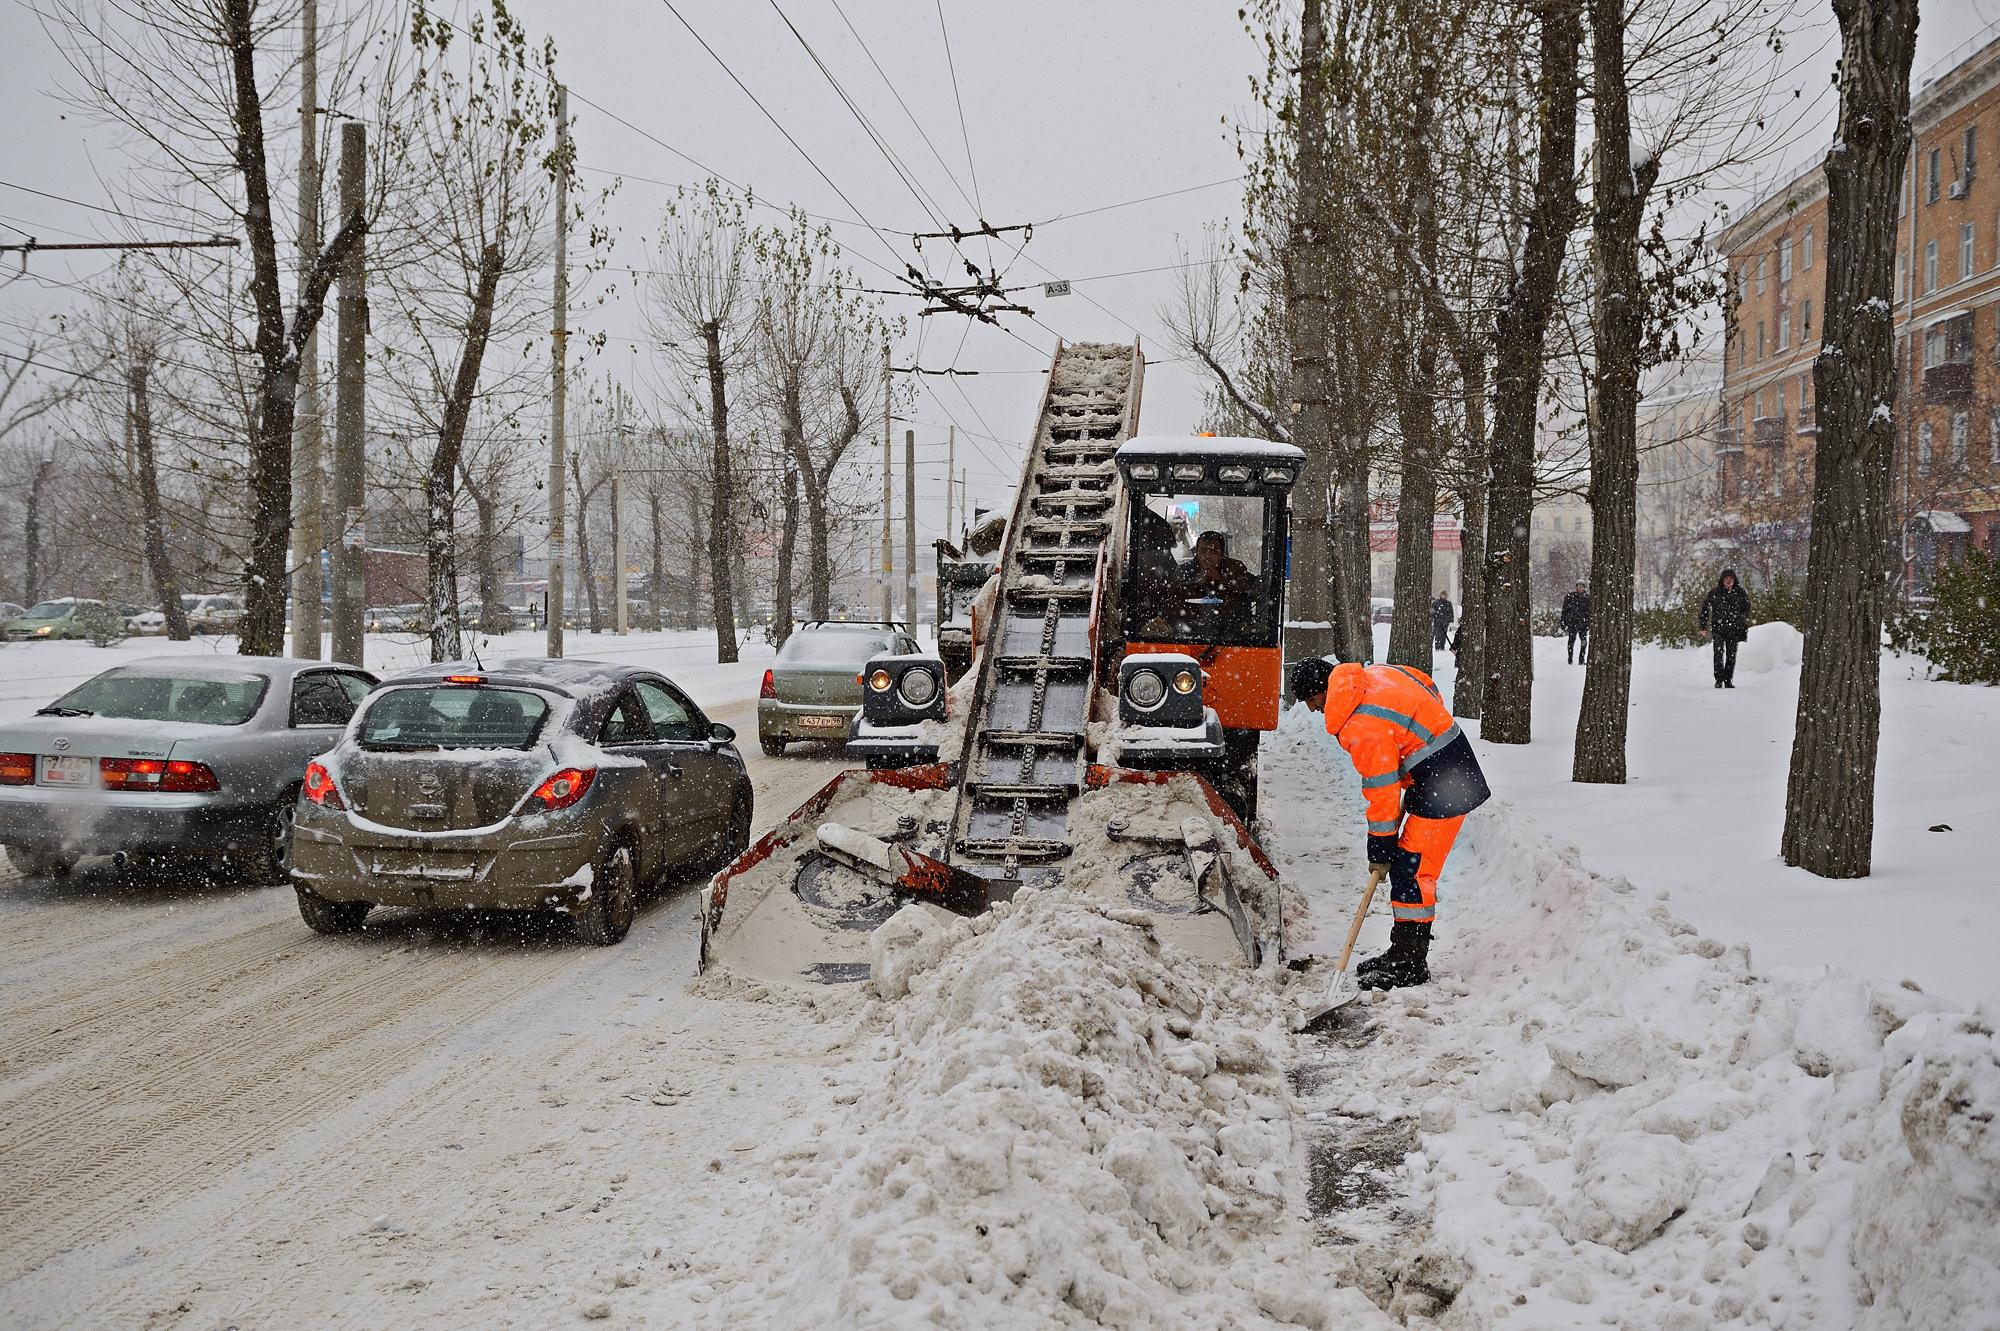 Пробки, самосвалы и замерзшие чиновники: мэрия устроила показательную уборку снега